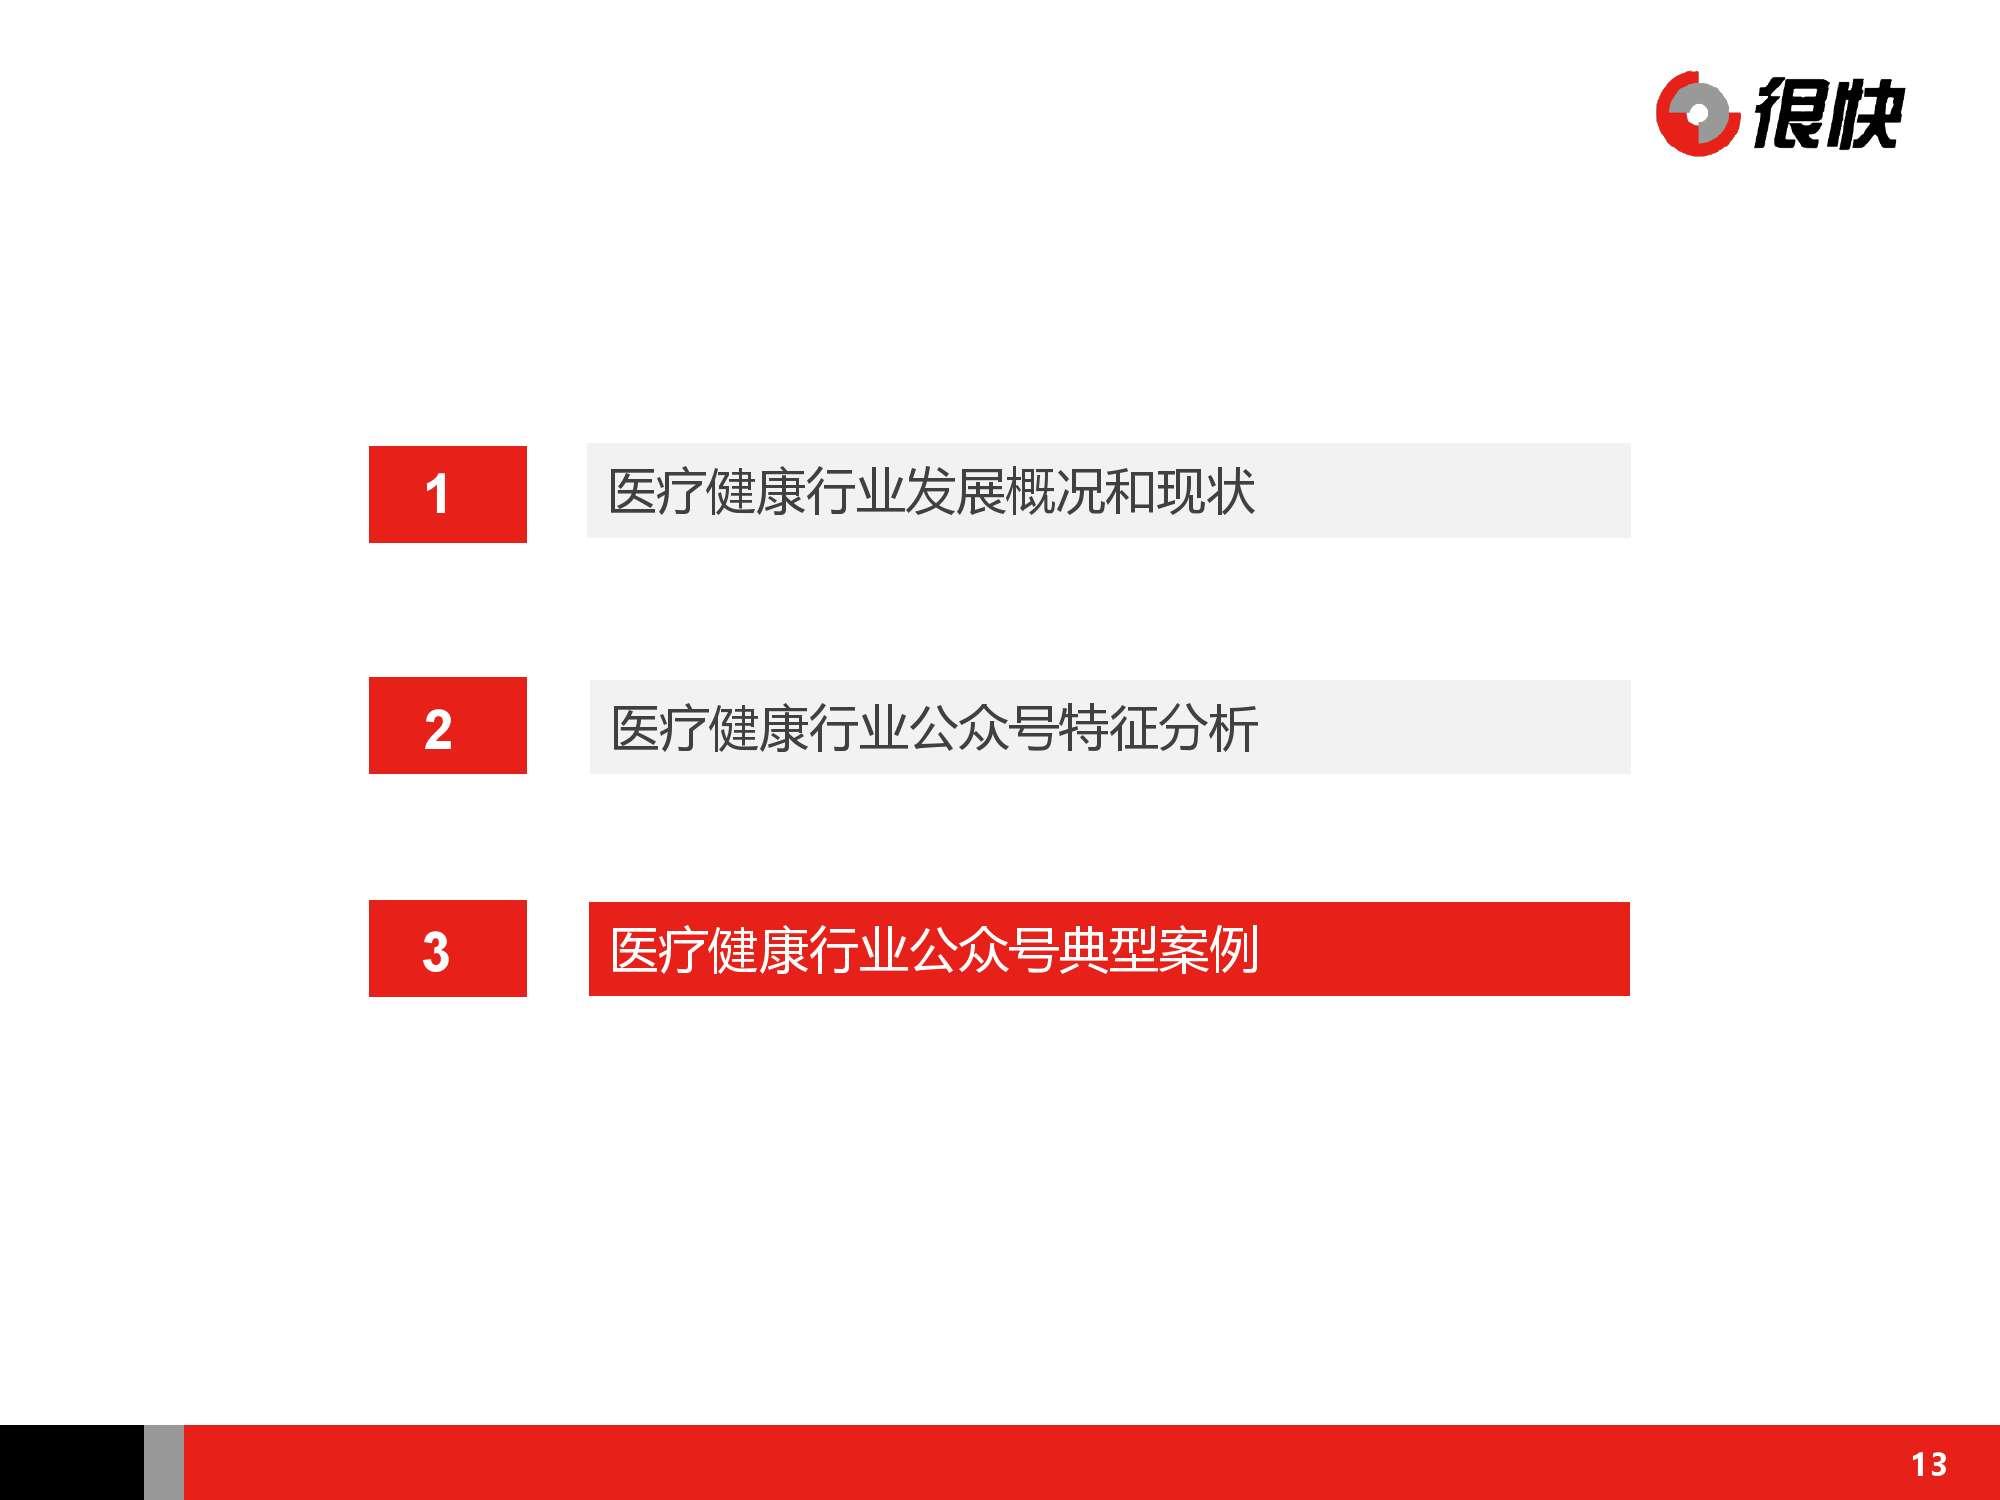 Henkuai-中国医疗健康行业公众号数据洞察报告-20160115_000013